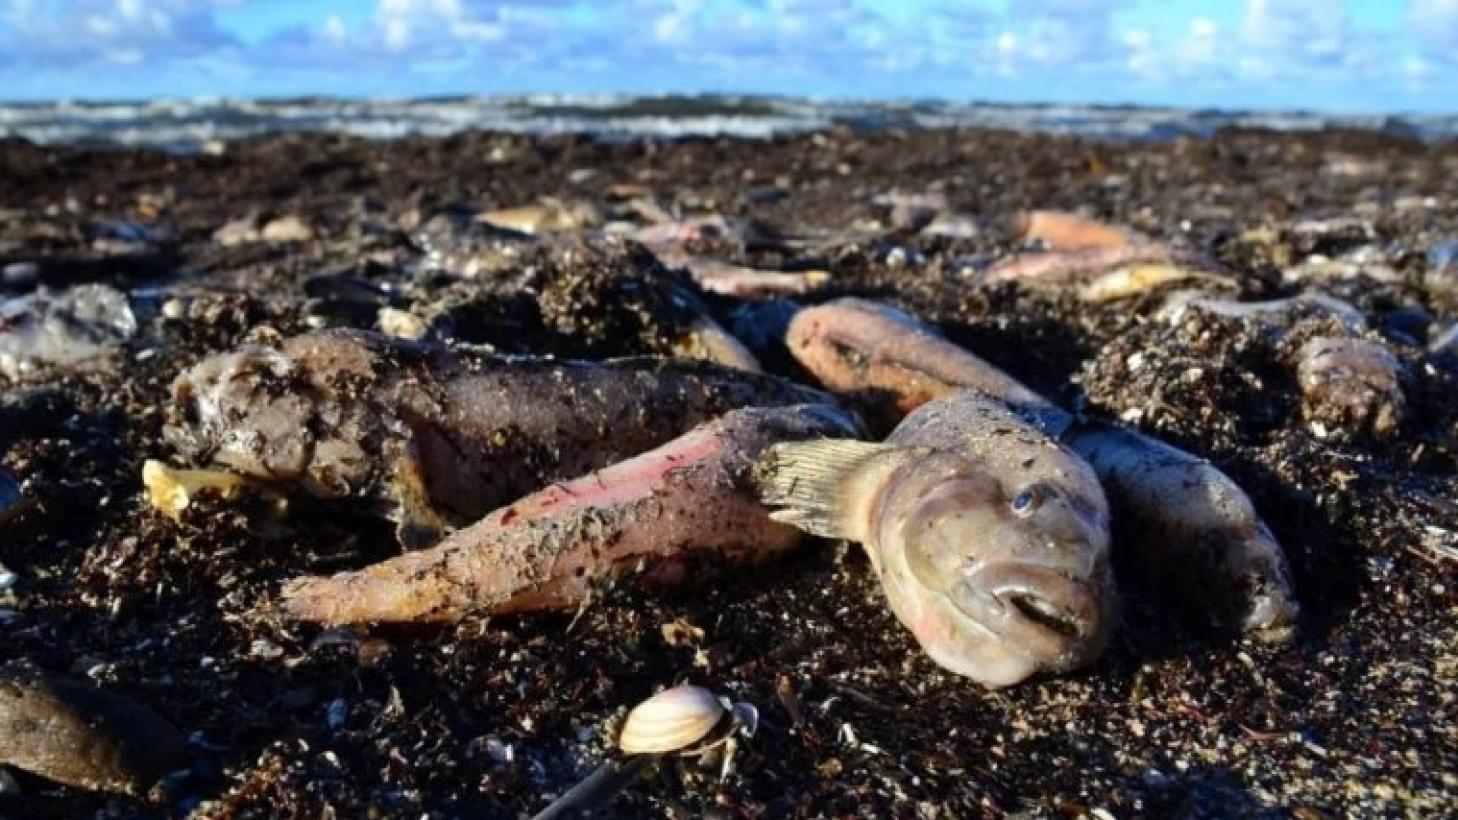 Стала известна причина гибели почти двух тонн рыбы в водоеме Алматинской области